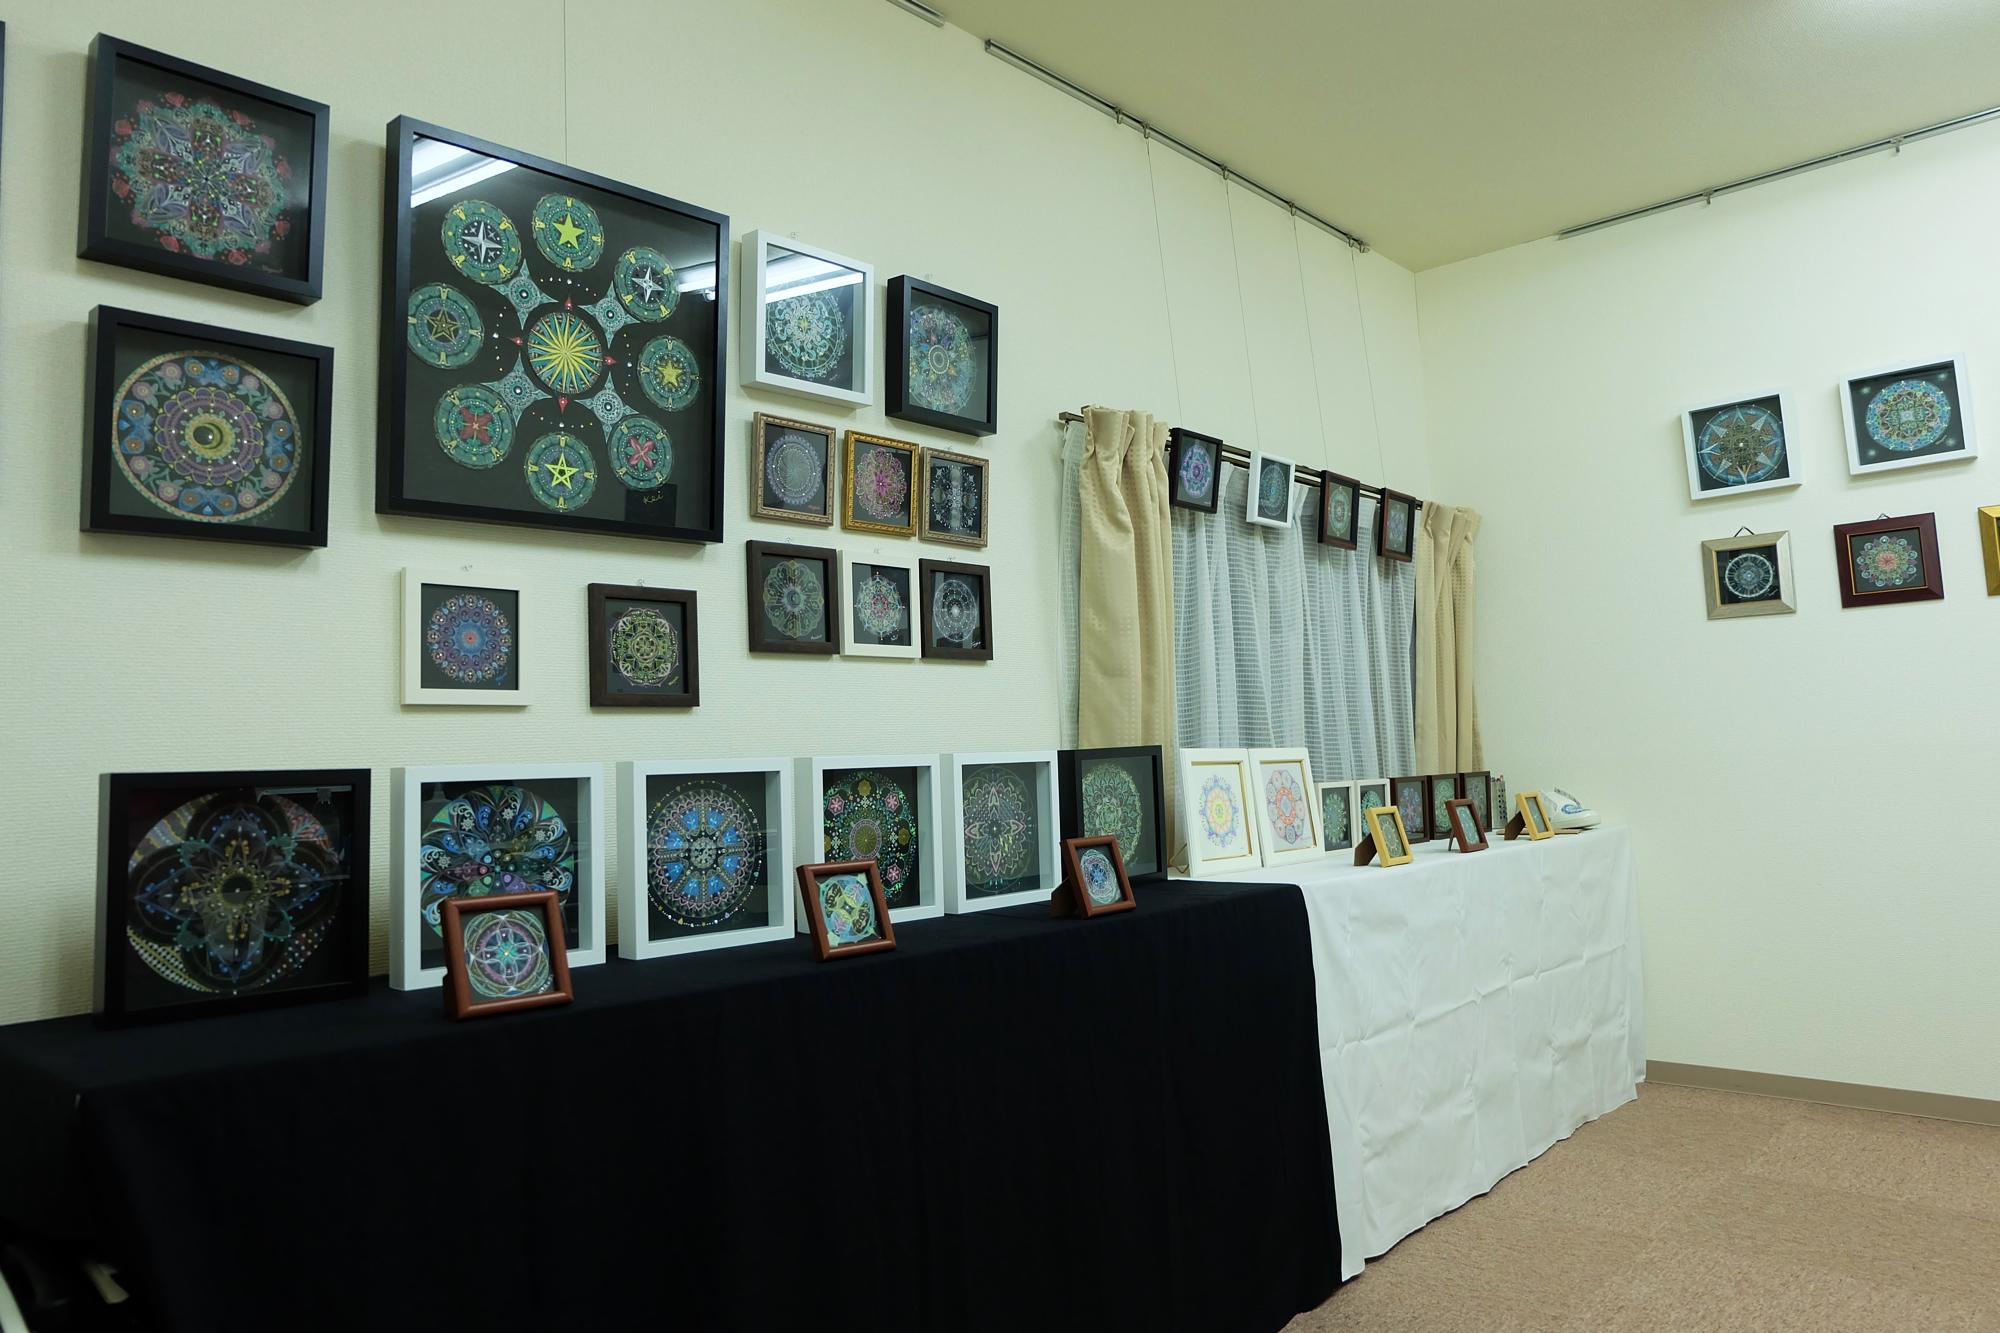 曼荼羅アート展2015を開催しました